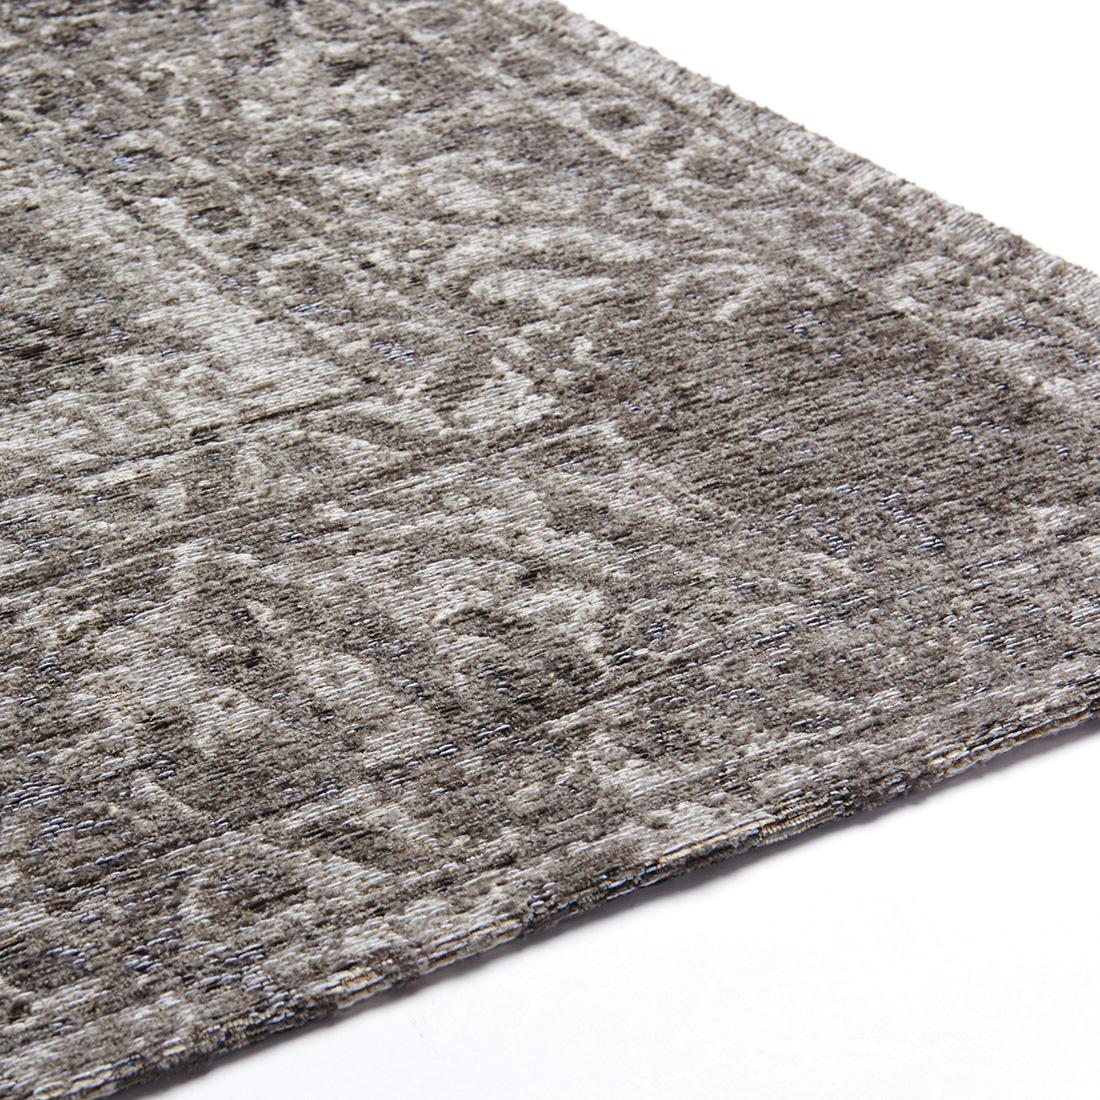 Vloerkleed Brinker Meda Metallic | 200 x 300 cm